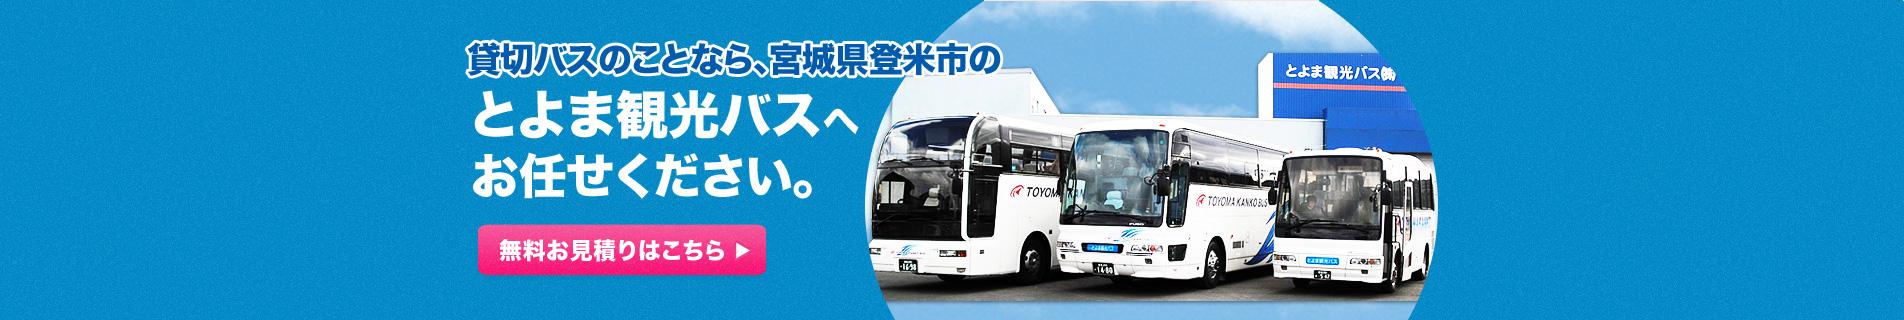 貸切バスのことなら、宮城県登米市のとよま観光バスへお任せください。